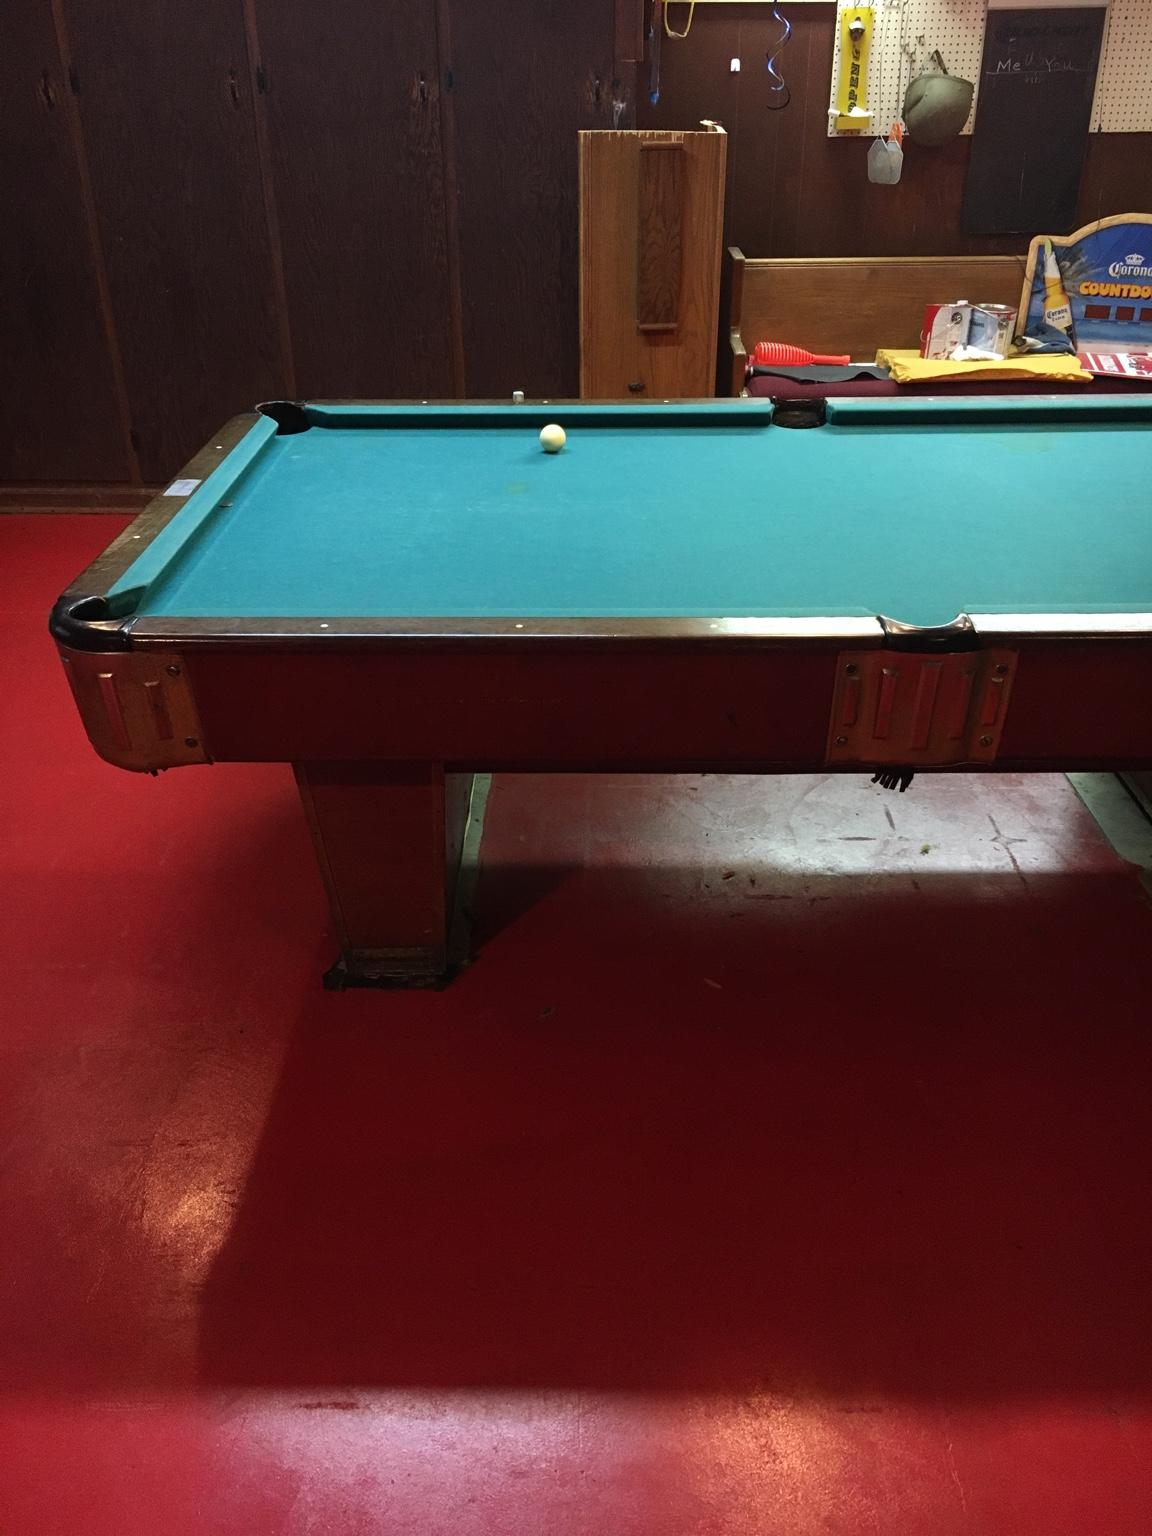 Pool Table Identification AzBilliardscom - Pool table identification